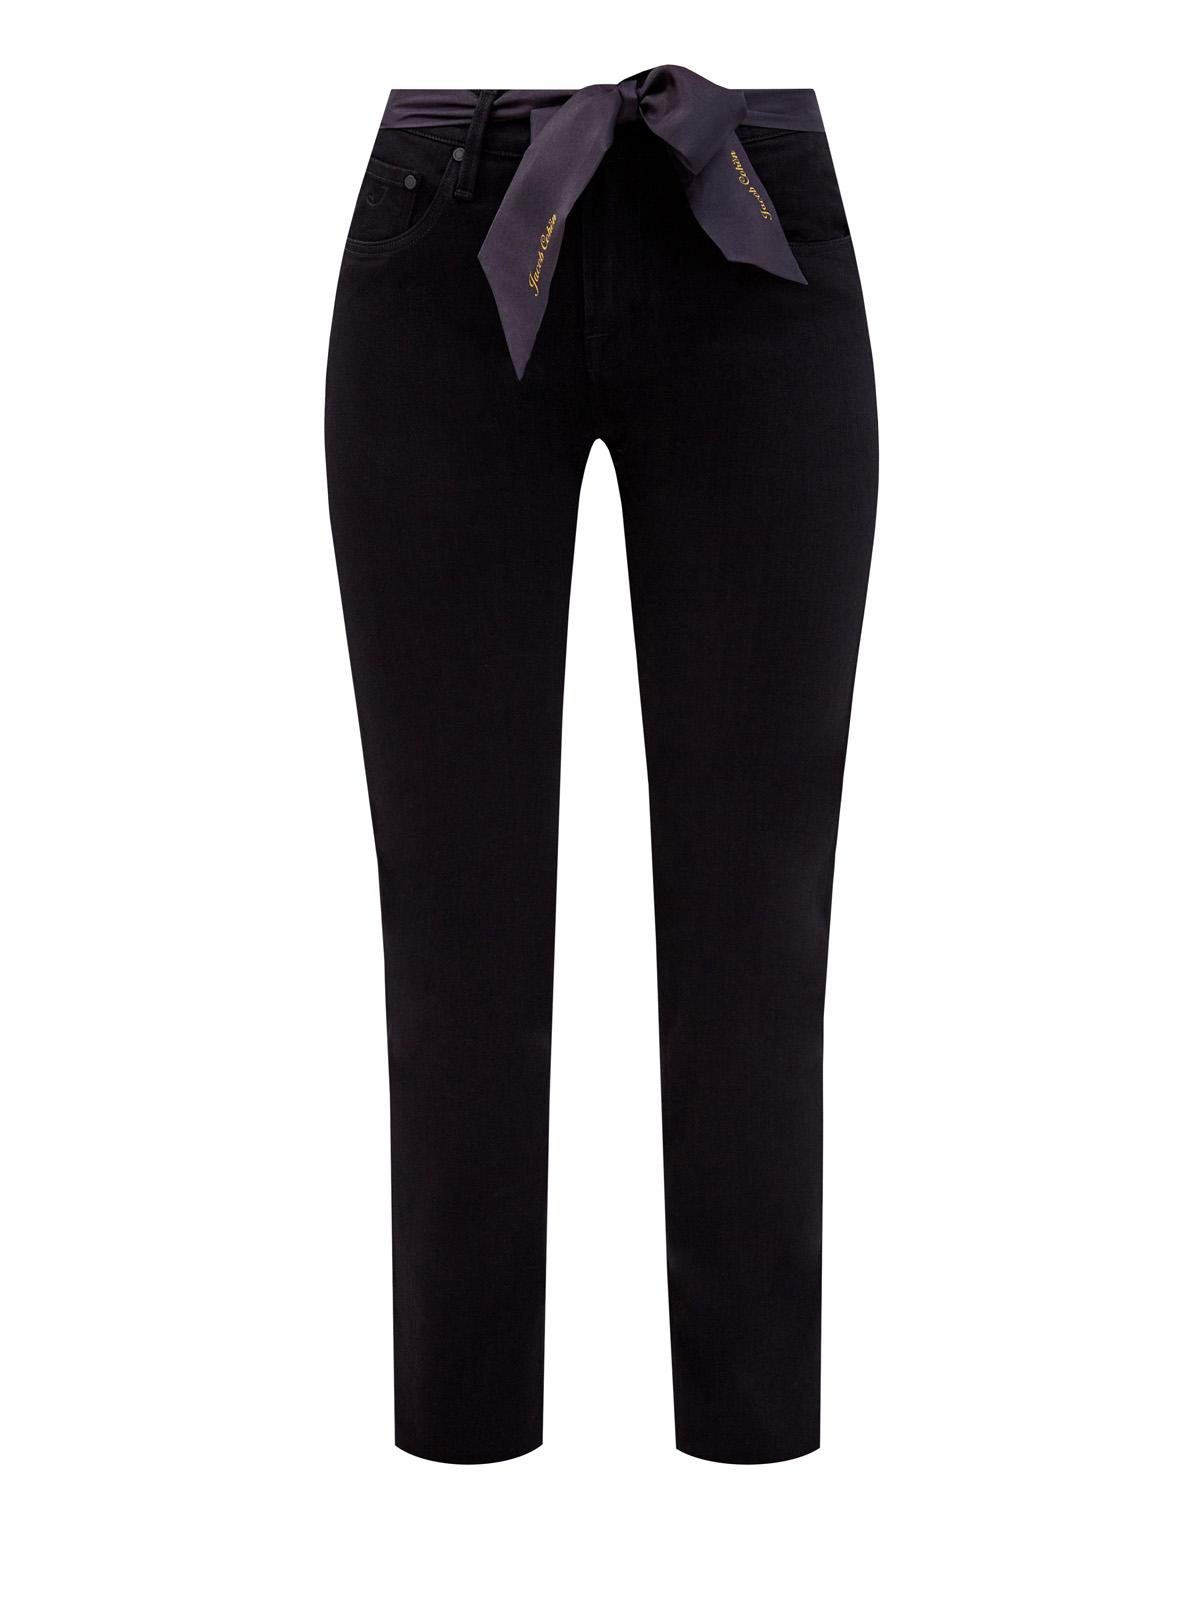 Однотонные джинсы Kimberly с платком-лентой